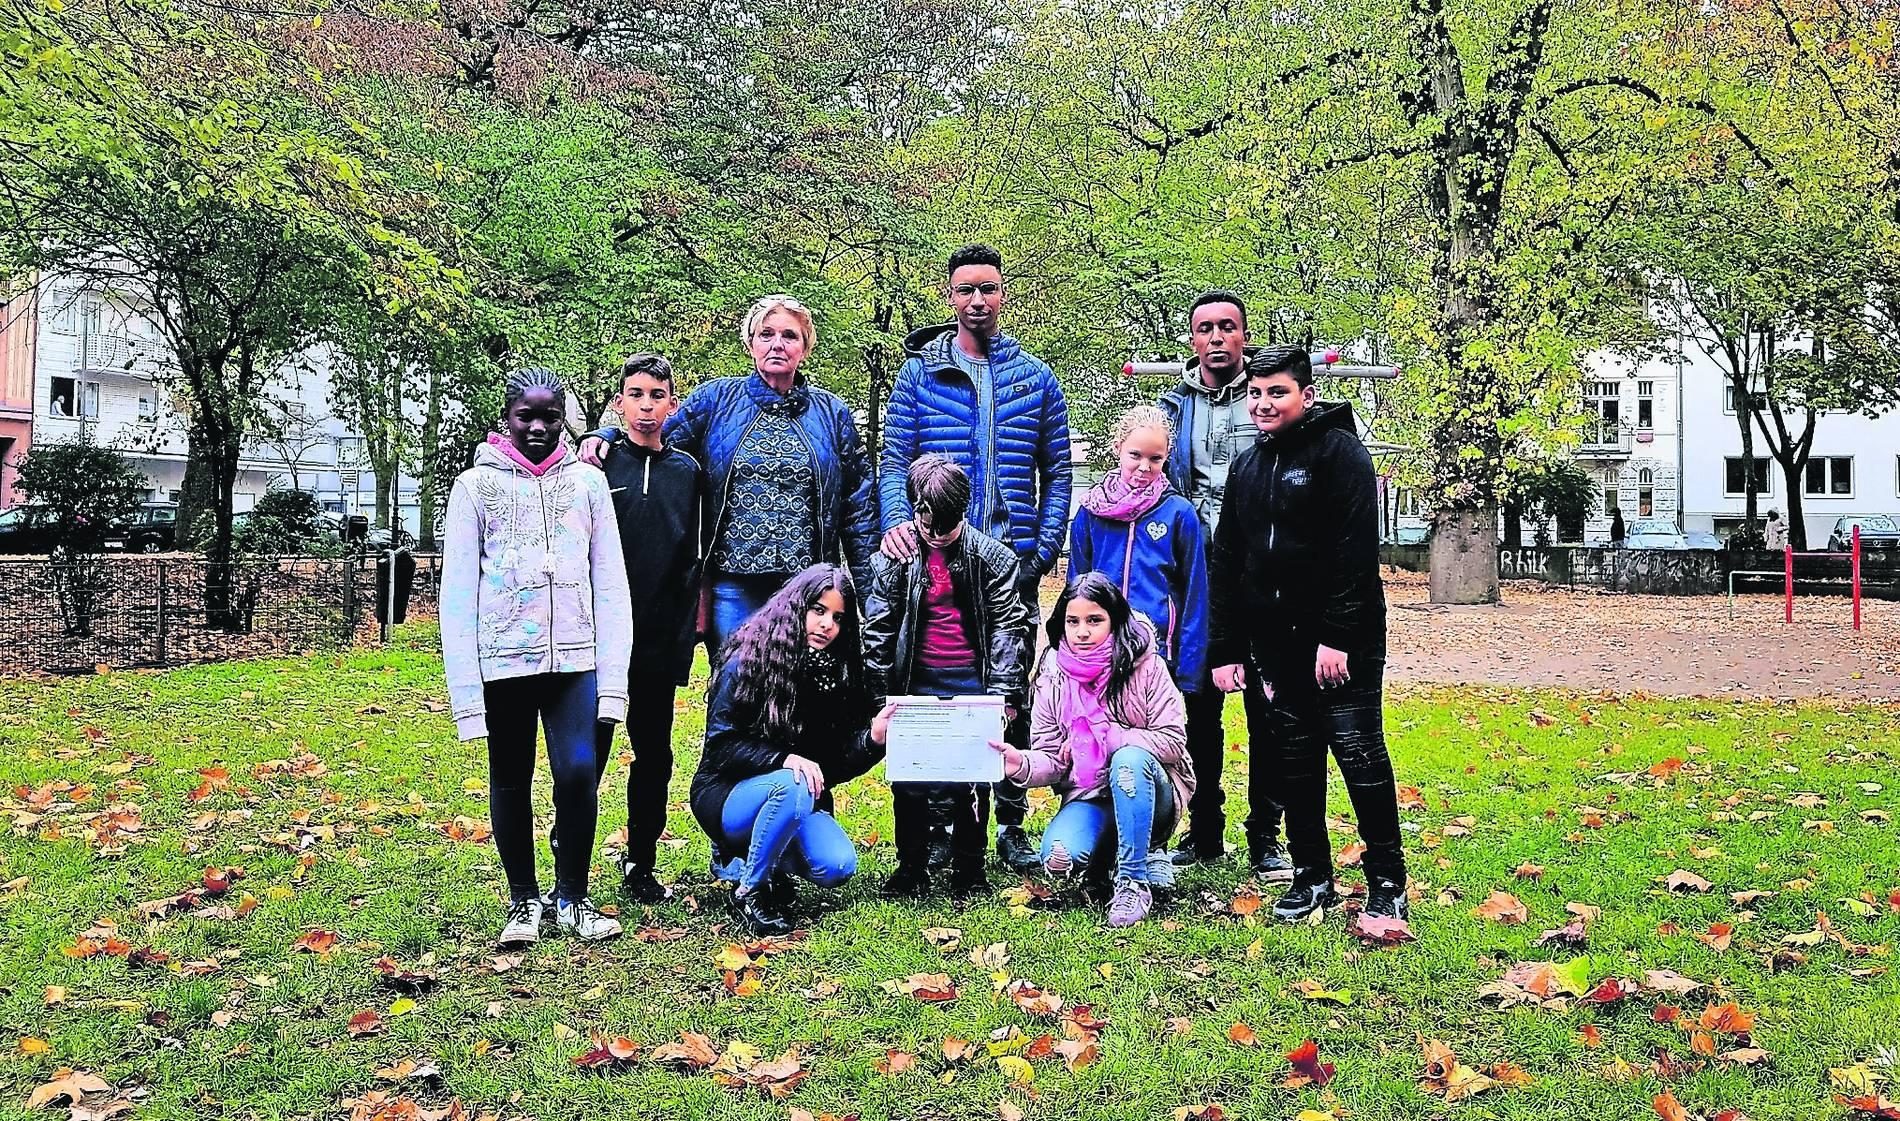 Klettergerüst Ab 1 Jahr : Schulhof erhält neues klettergerüst mannheimer morgen